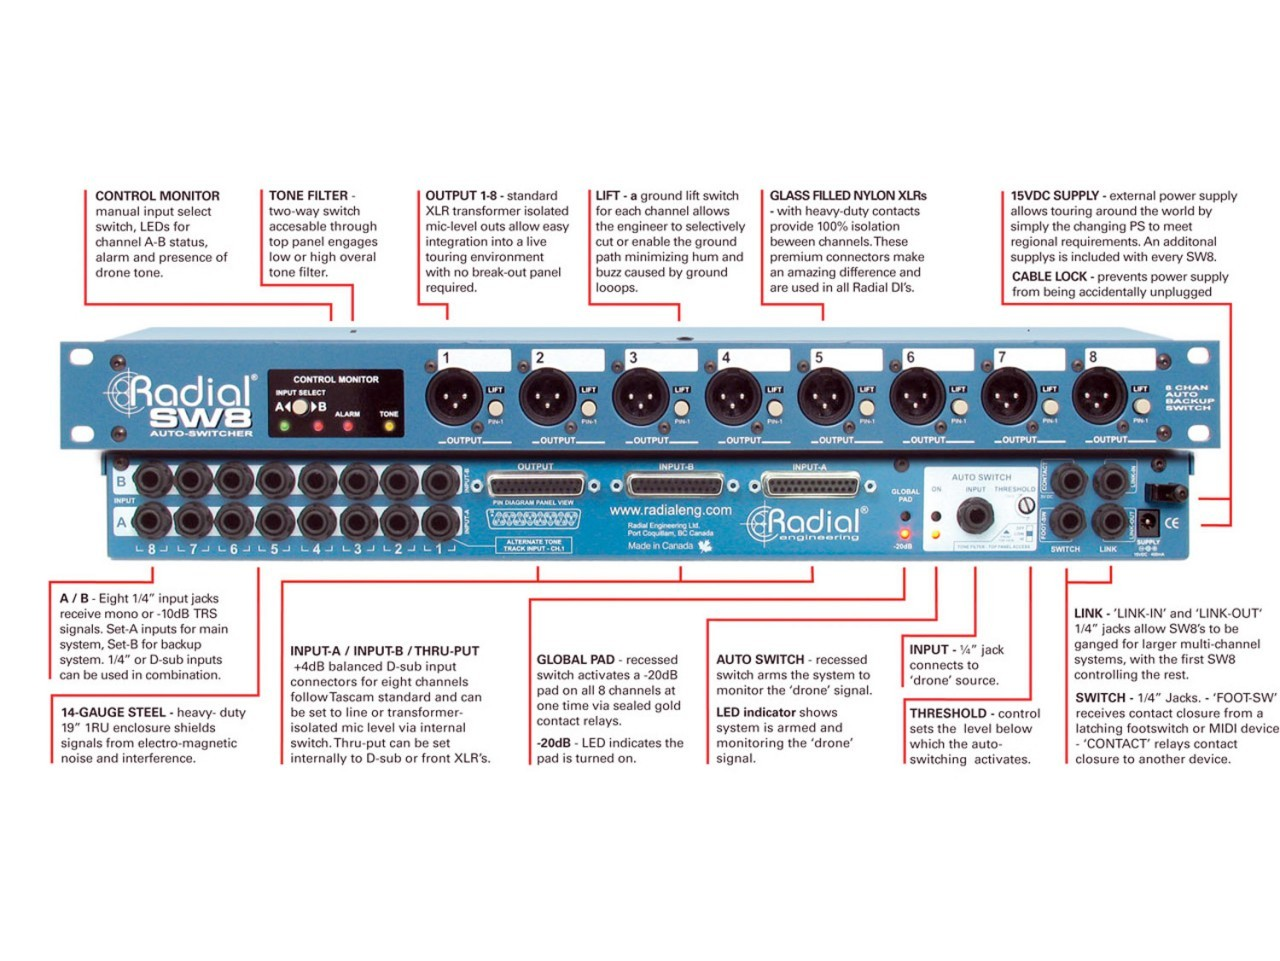 radial-sw8-auto-switcher-fe6.jpg